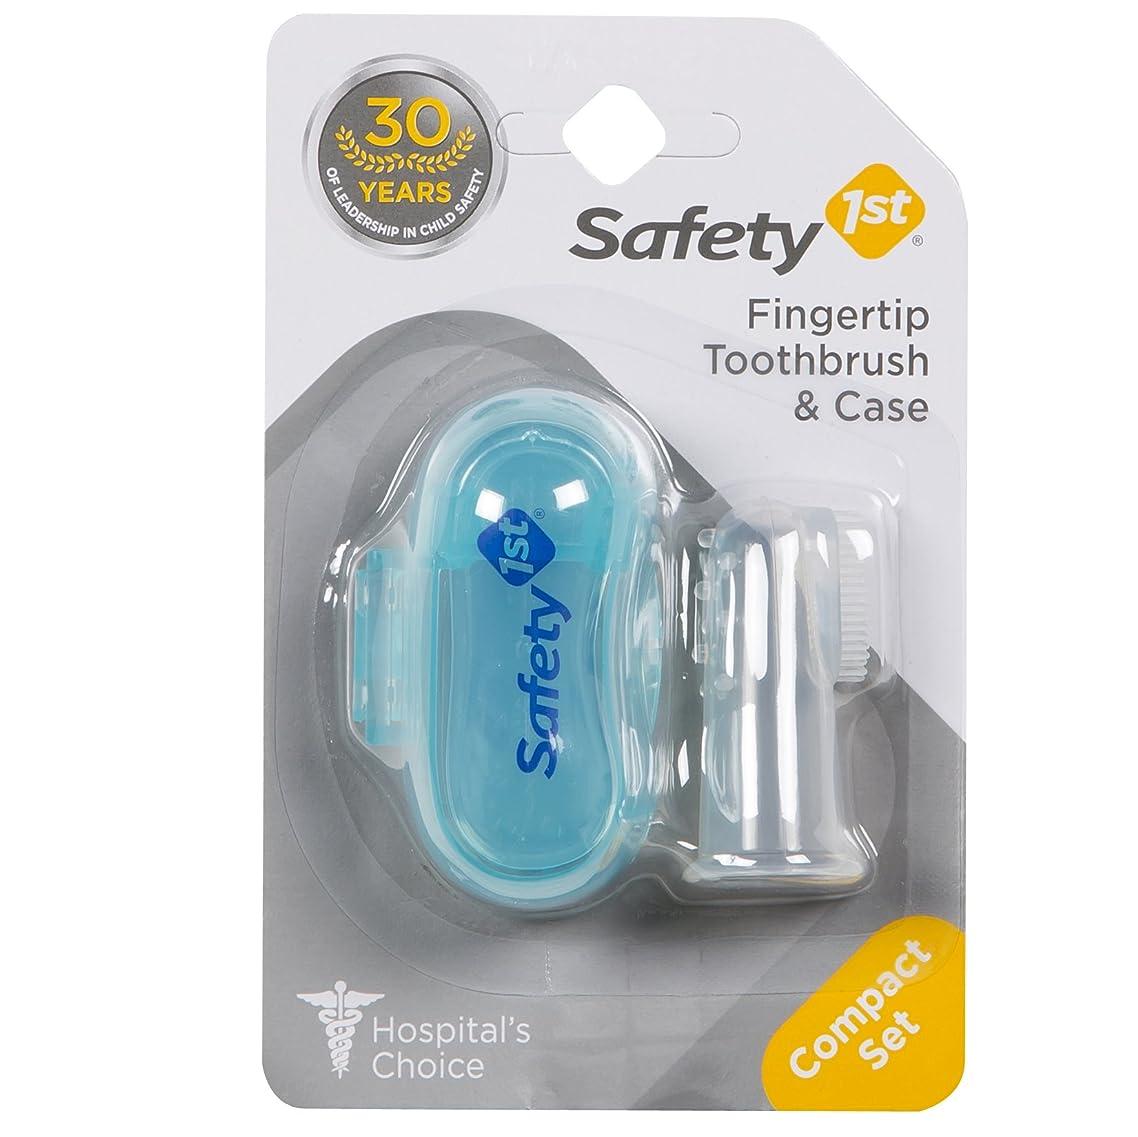 憂鬱な解釈するローラーSafety 1st Fingertip Toothbrush and Case by Safety 1st